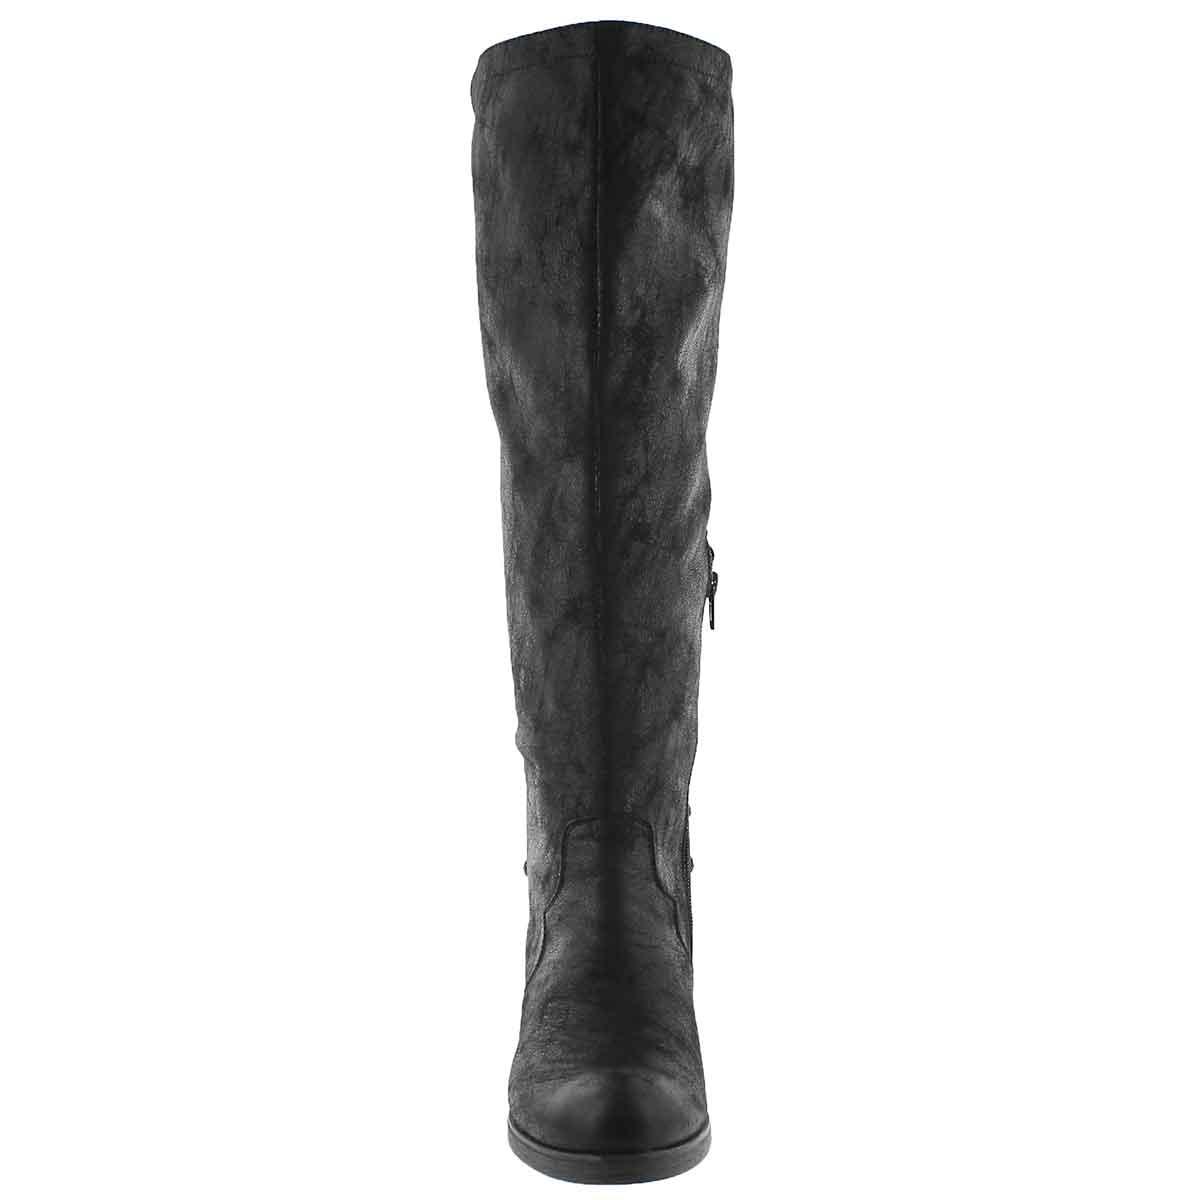 Lds Brette black knee high dress boot